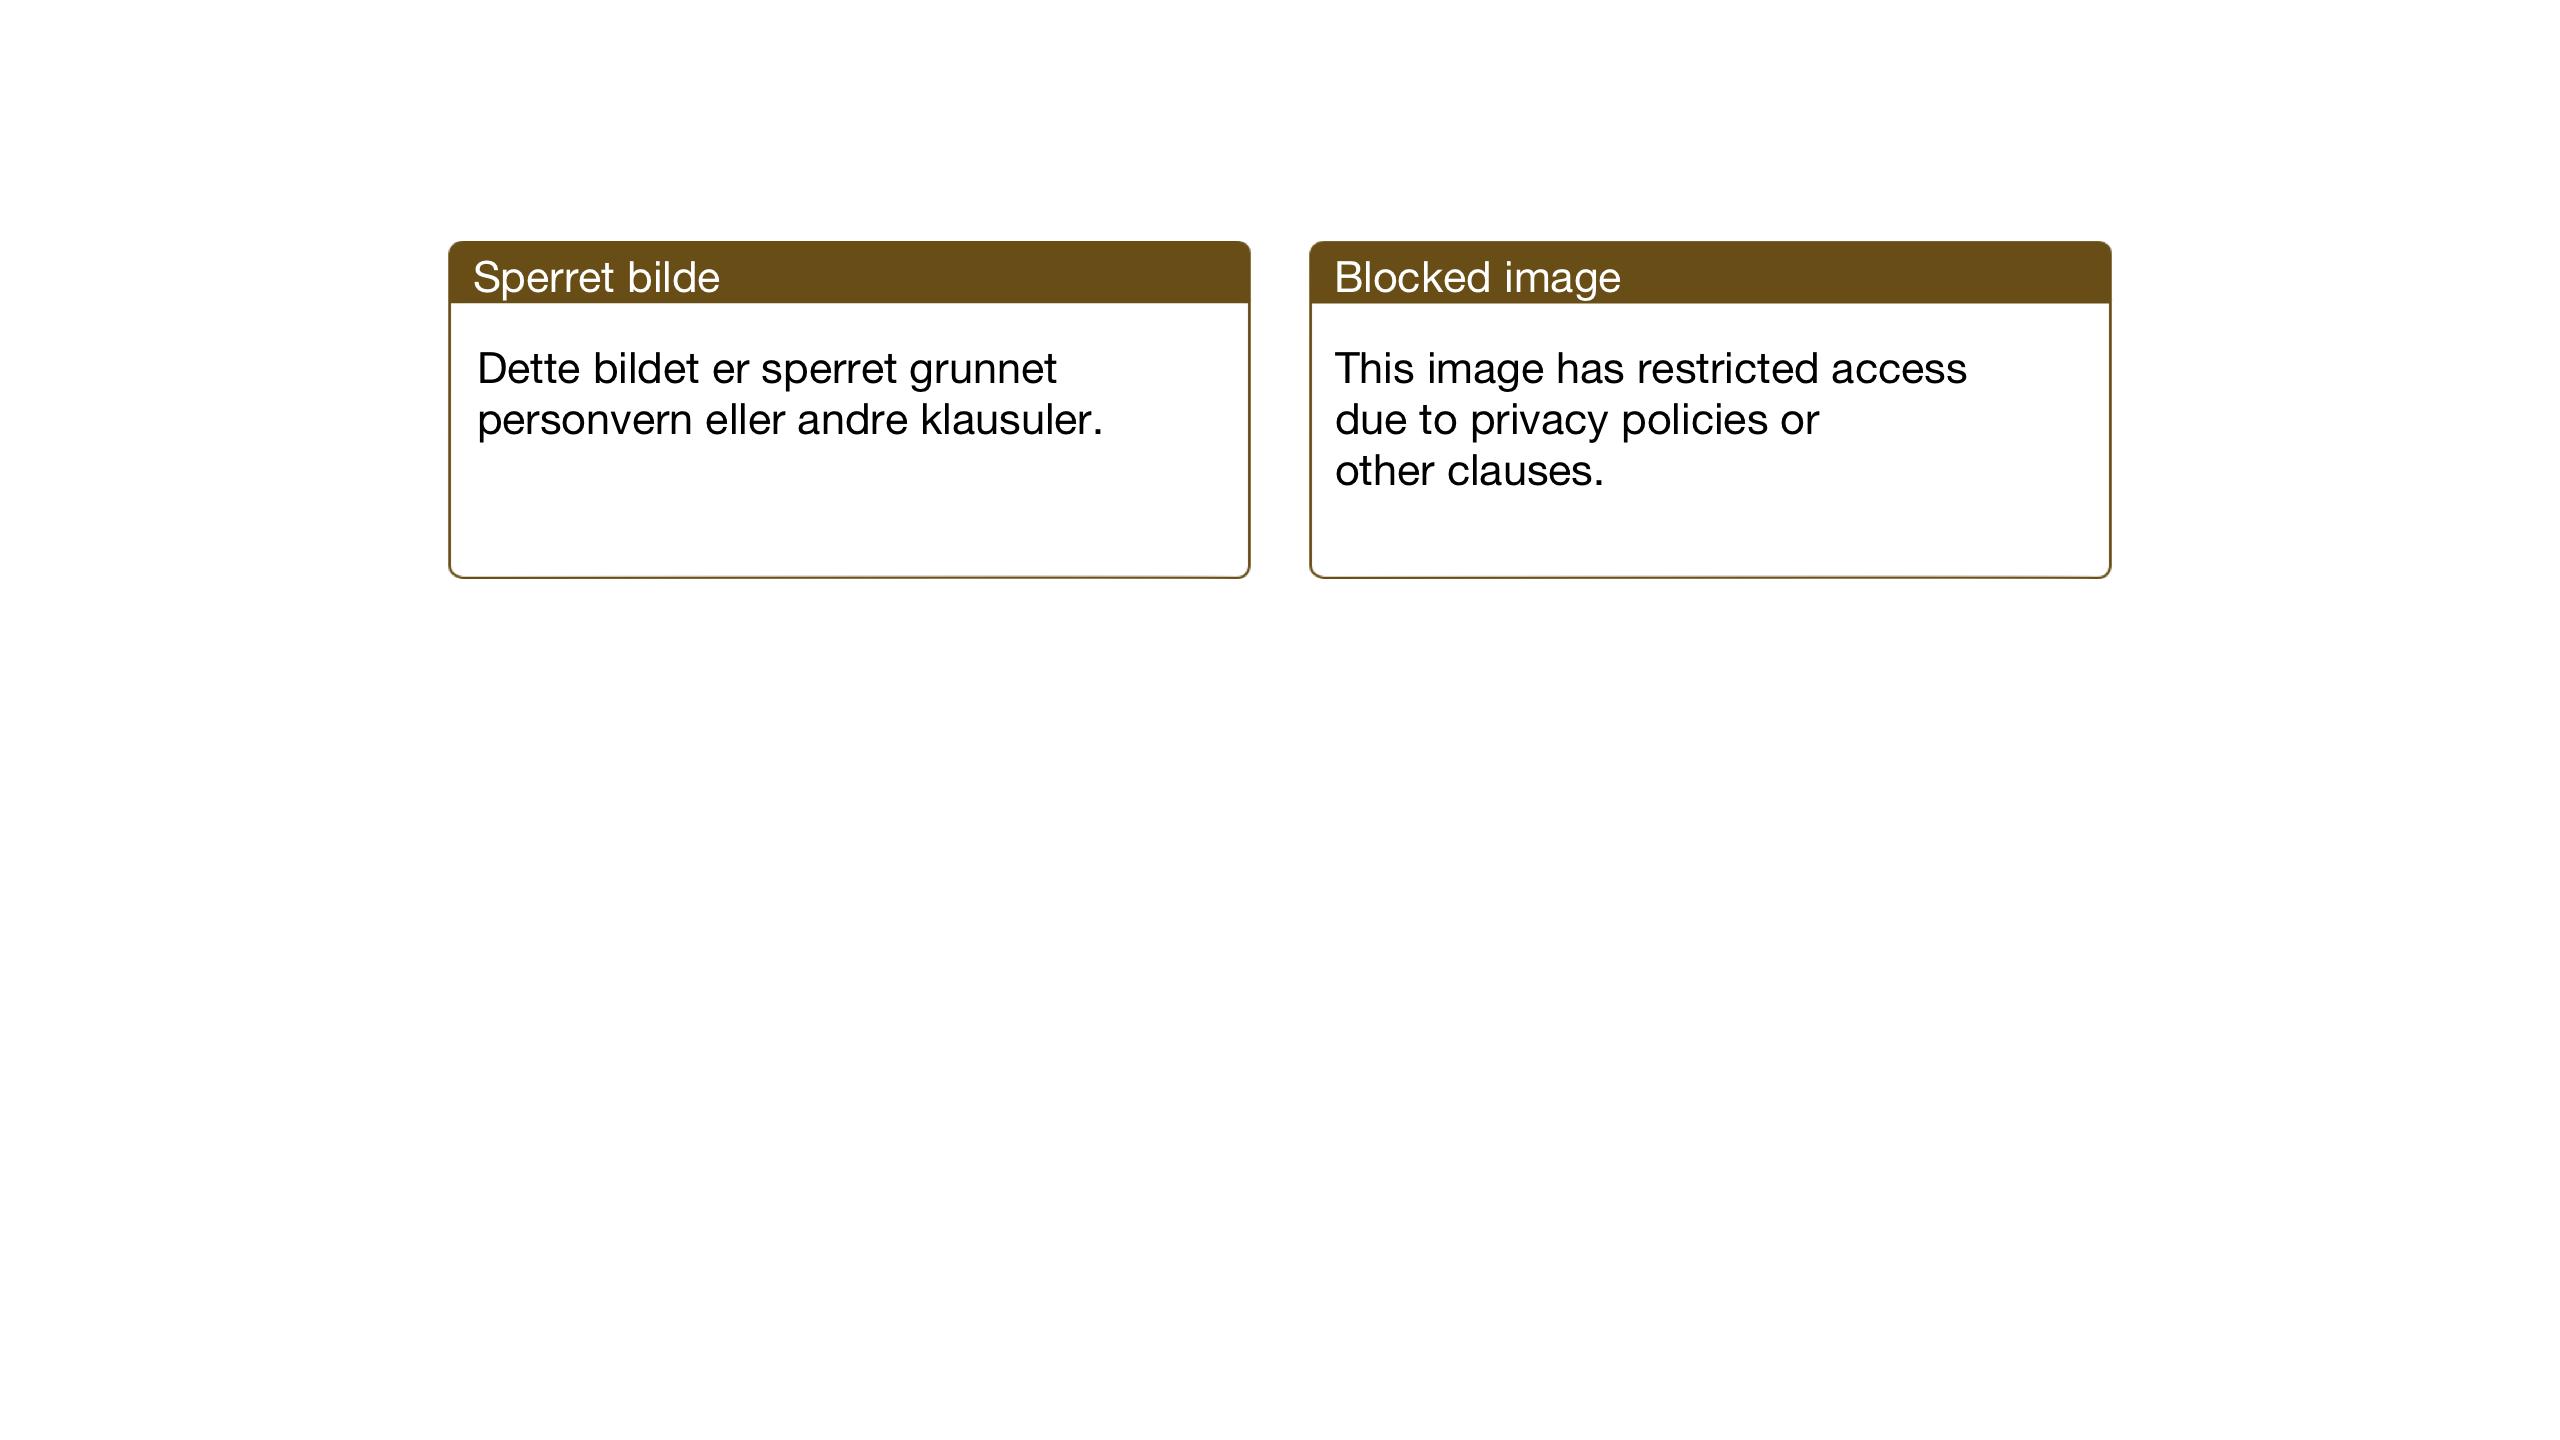 SAT, Ministerialprotokoller, klokkerbøker og fødselsregistre - Sør-Trøndelag, 651/L0648: Klokkerbok nr. 651C02, 1915-1945, s. 97